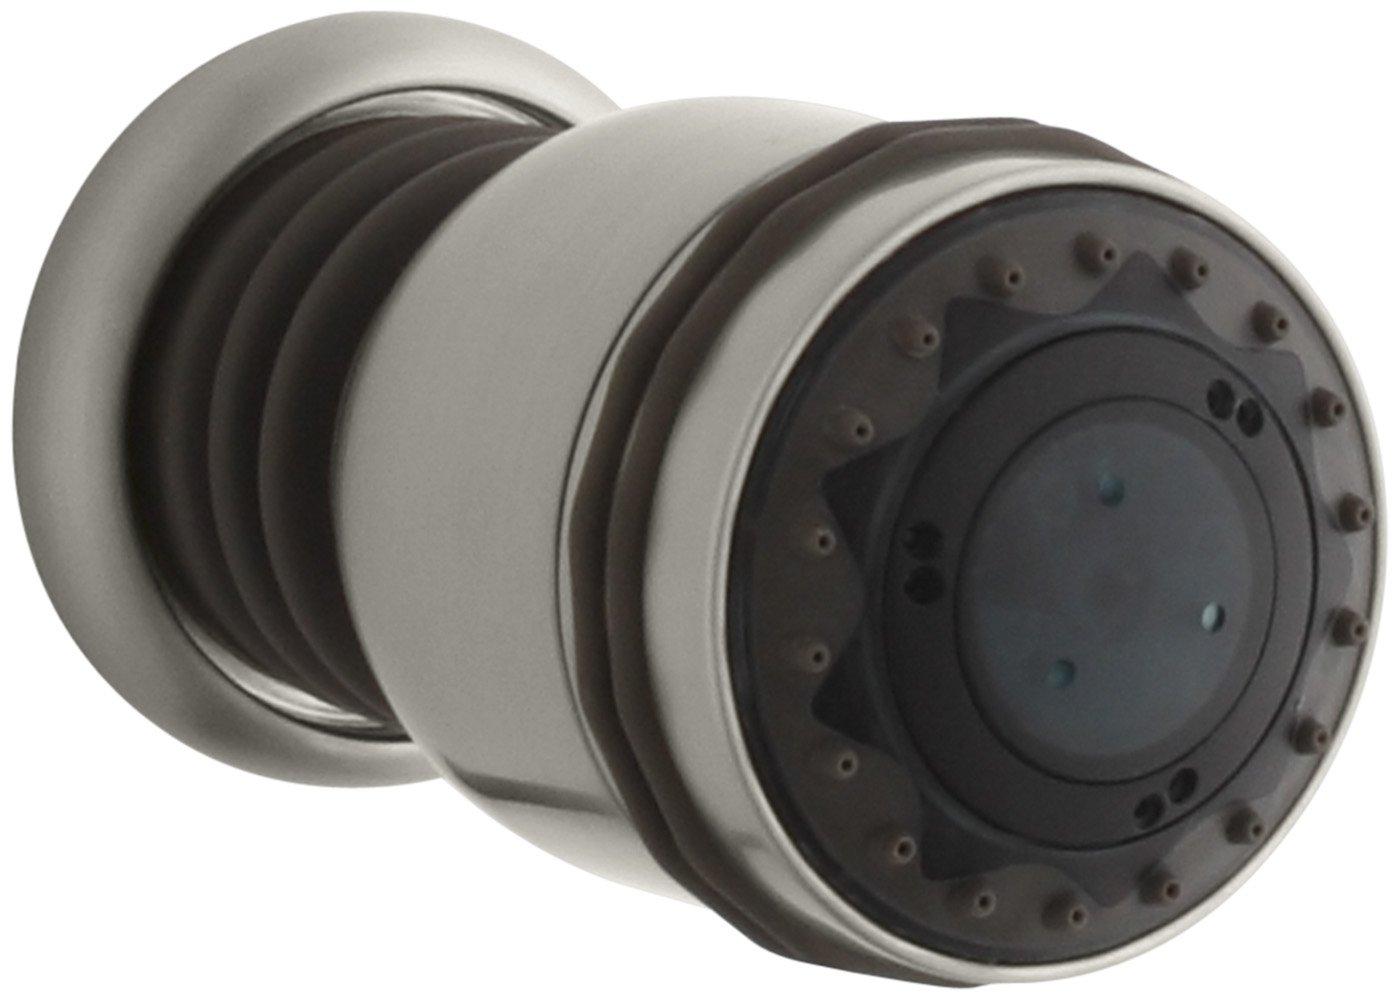 KOHLER K-8509-BN MasterShower Three-Way Bodyspray, Vibrant Brushed Nickel